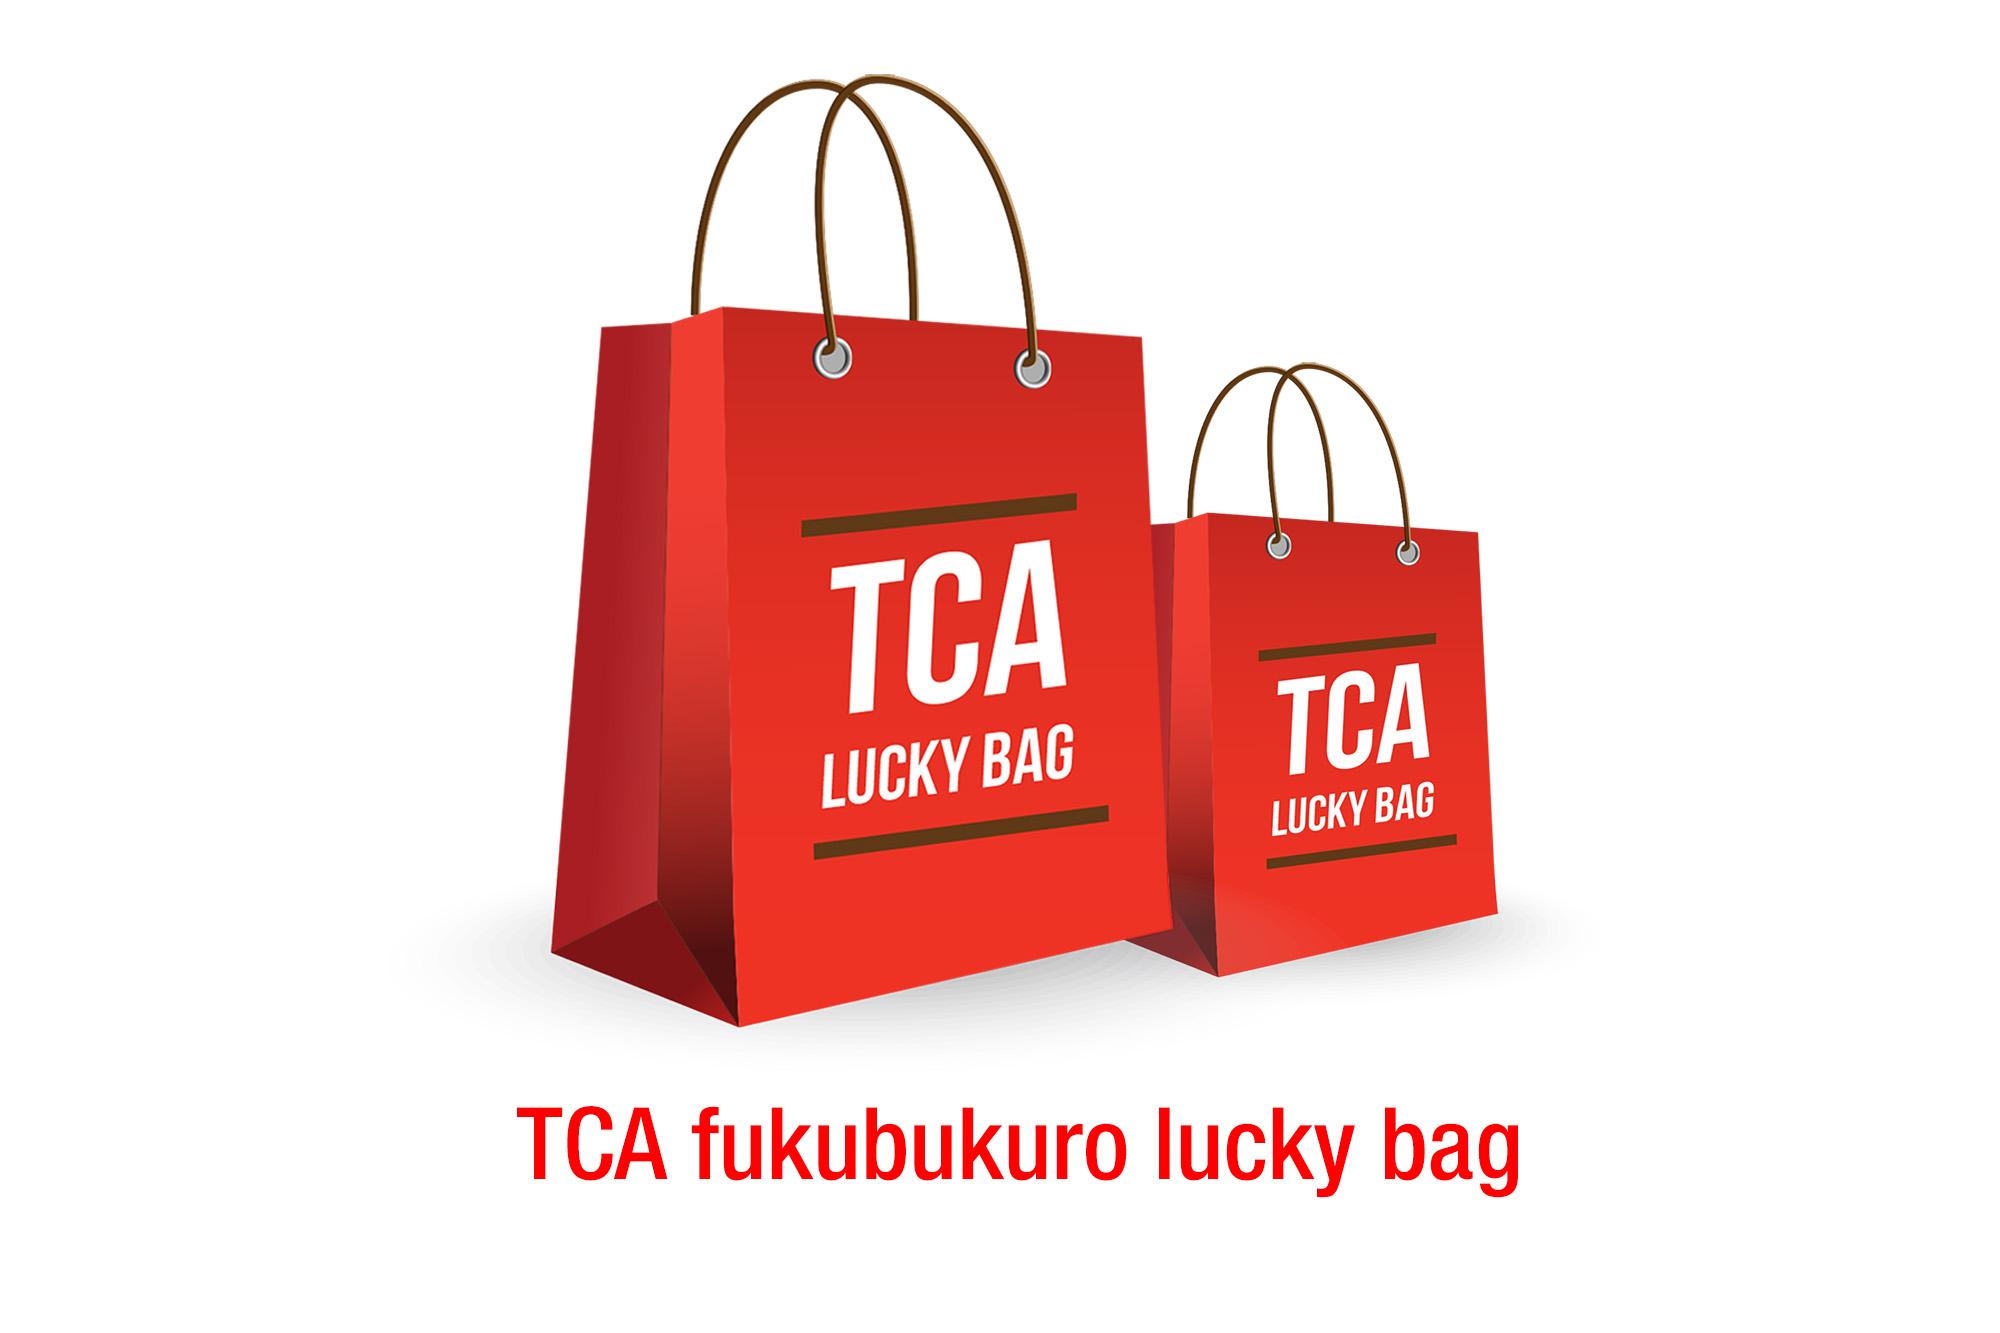 TCA fukubukuro lucky bag (ถุงสุ่มถุงโชคดี ถุงของขวัญพิเศษ)